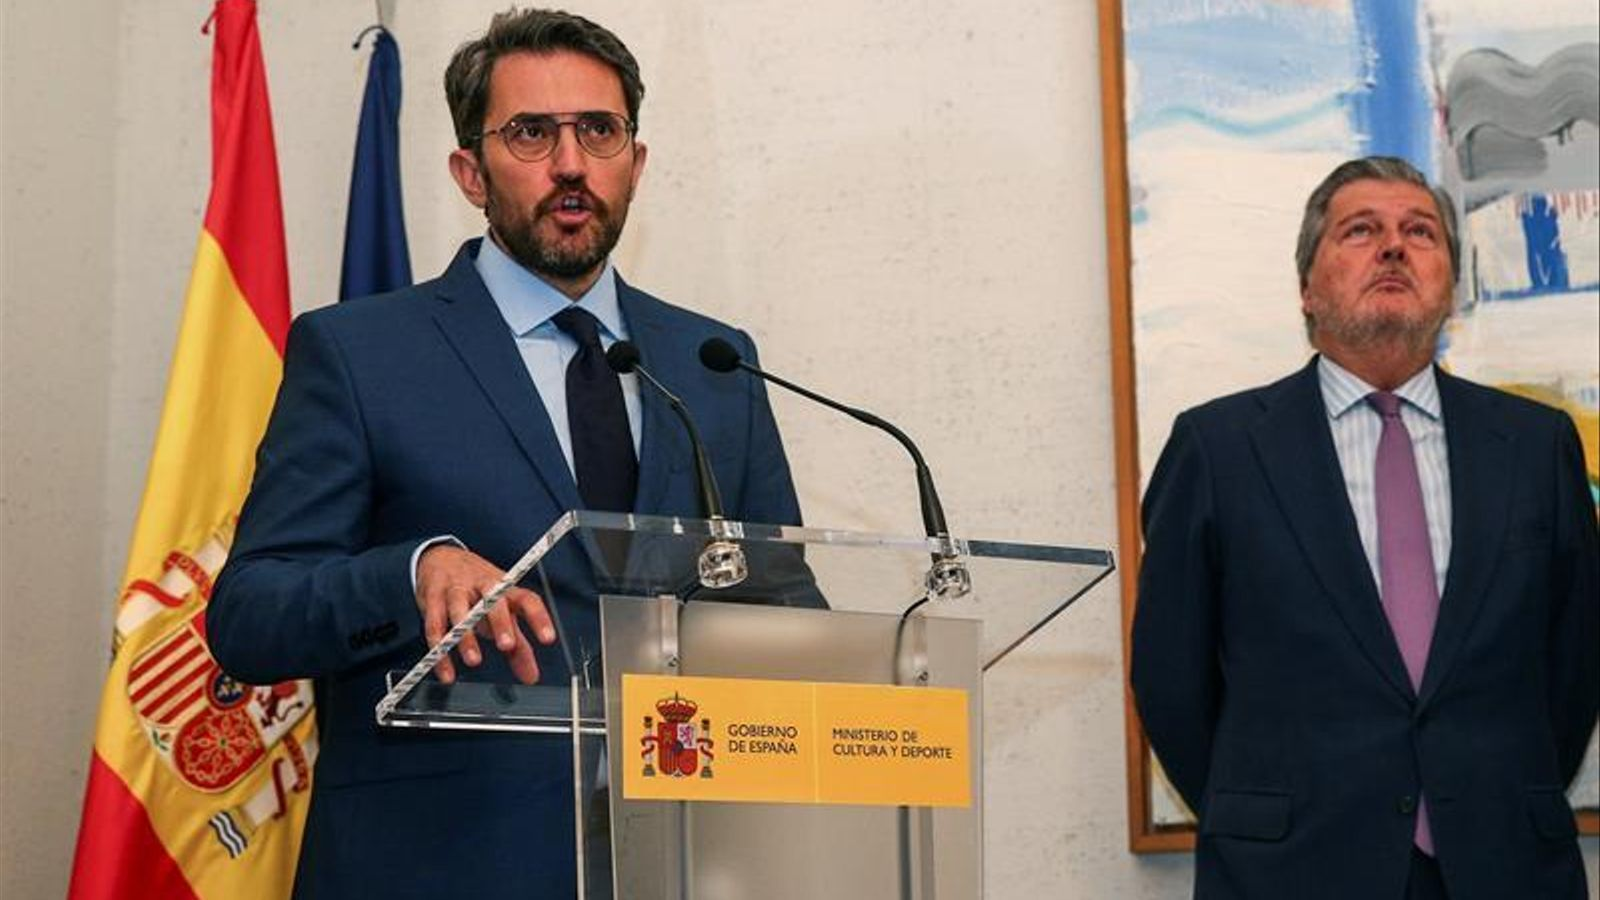 Màxim Huerta dijous passat durant el traspàs de carteres al ministeri de Cultura. EFE